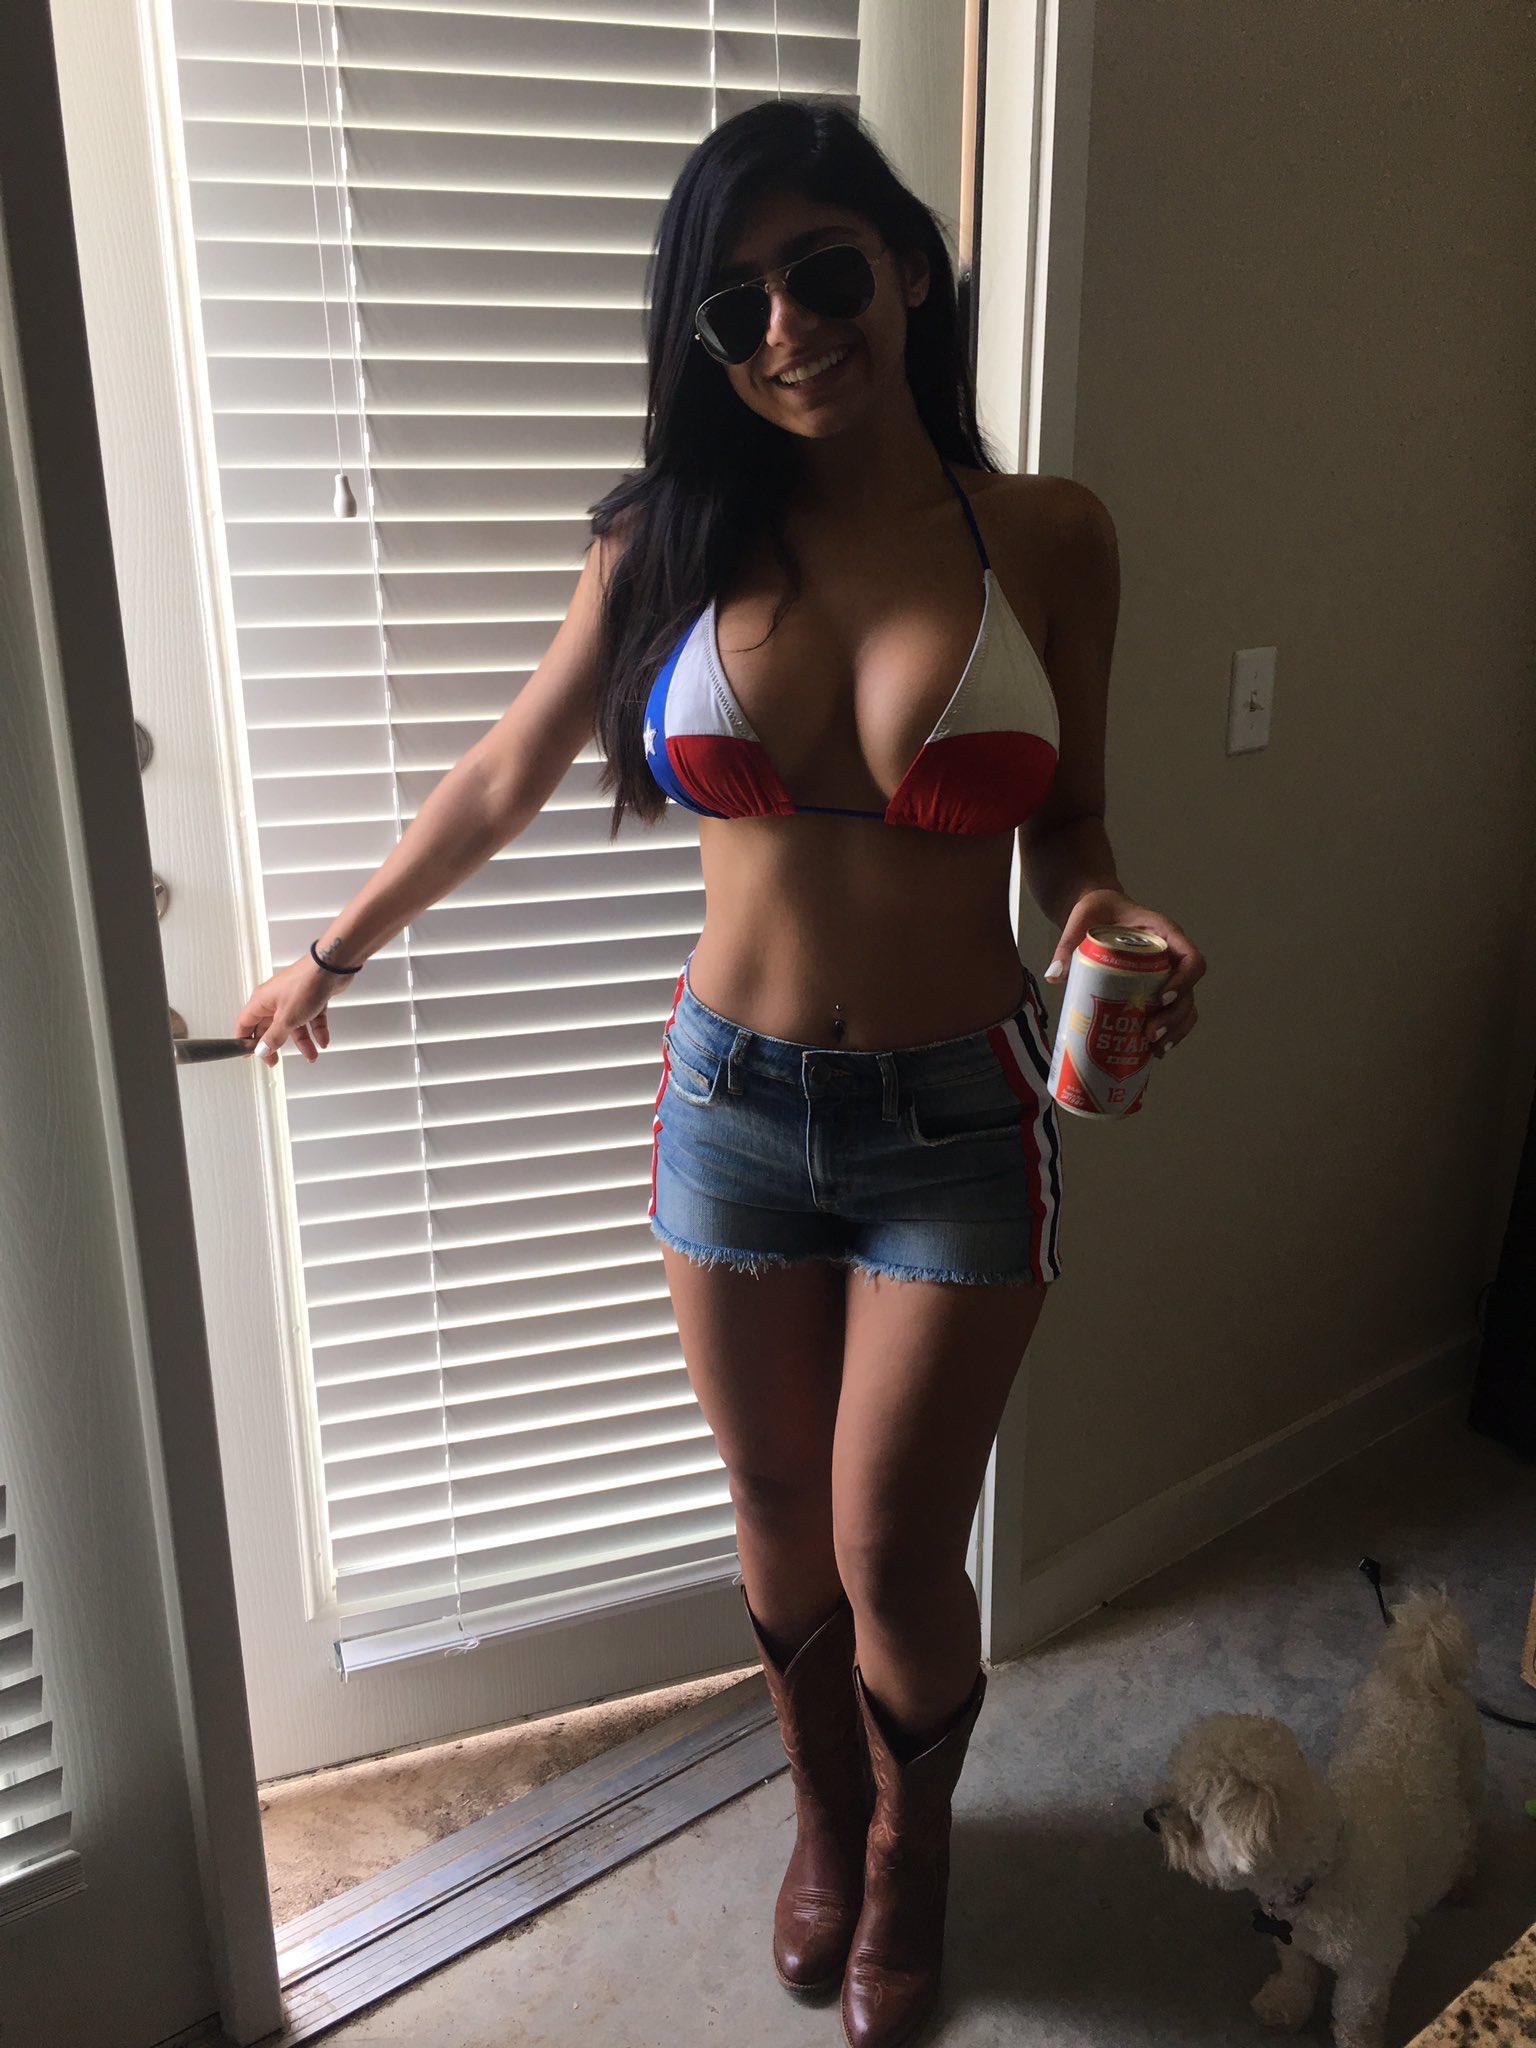   Bikini fashion, Bikinis, Fashion